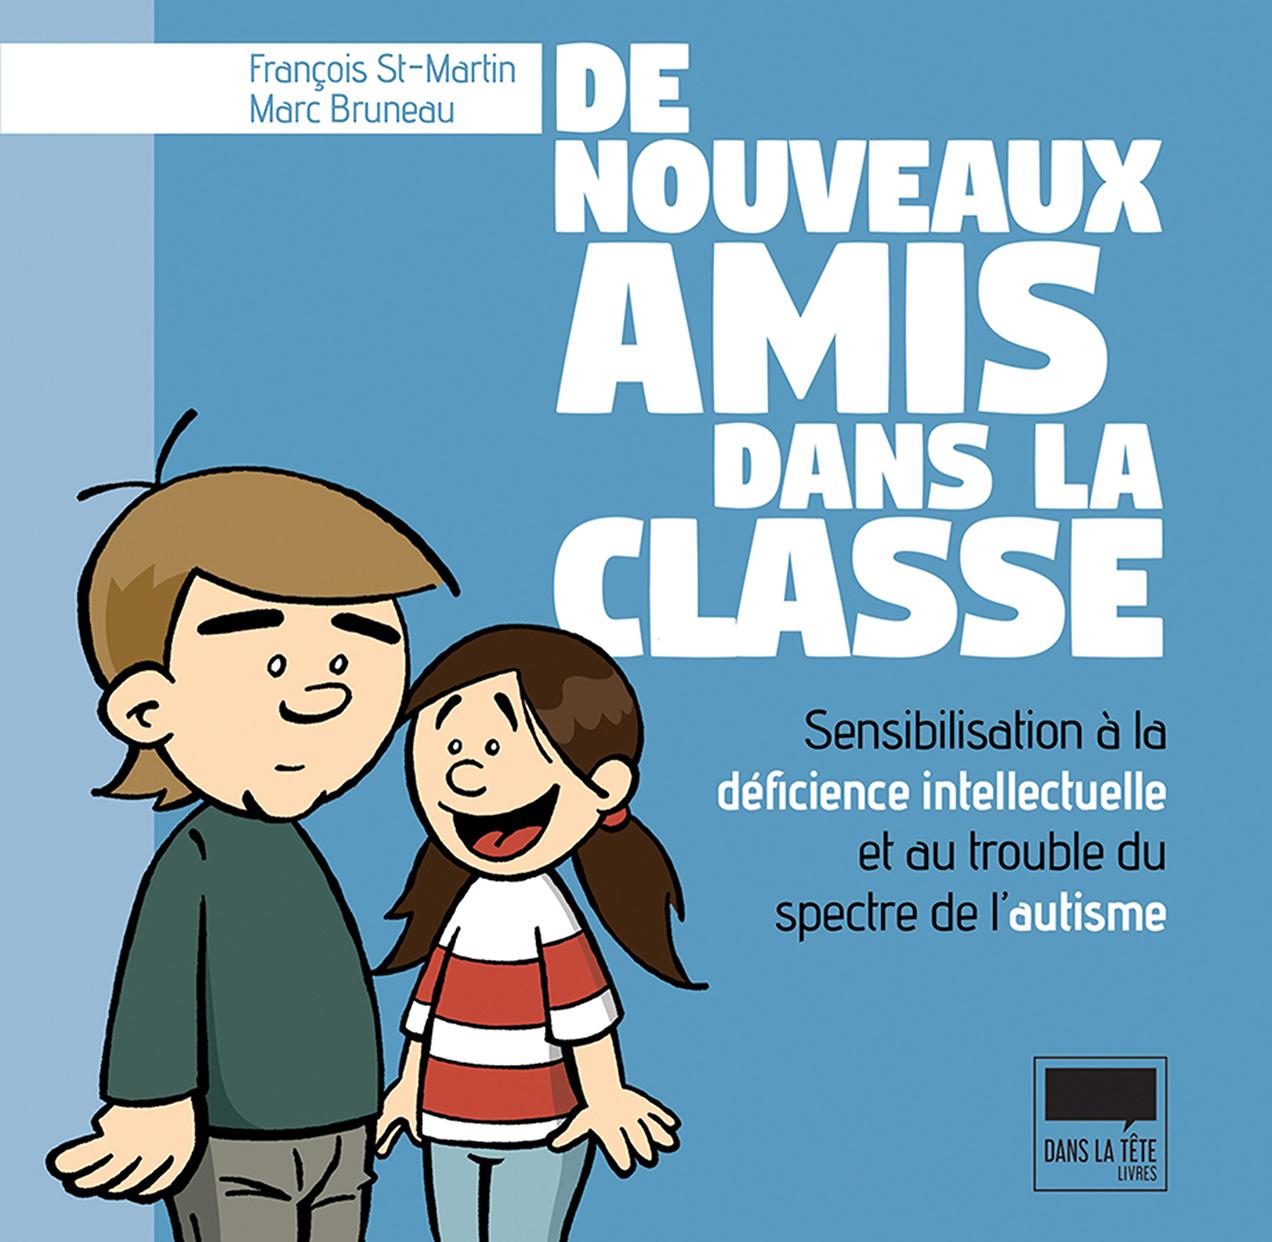 De nouveaux amis dans la classe : sensibilisation à la déficience intellectuelle et au trouble du spectre de l'autisme